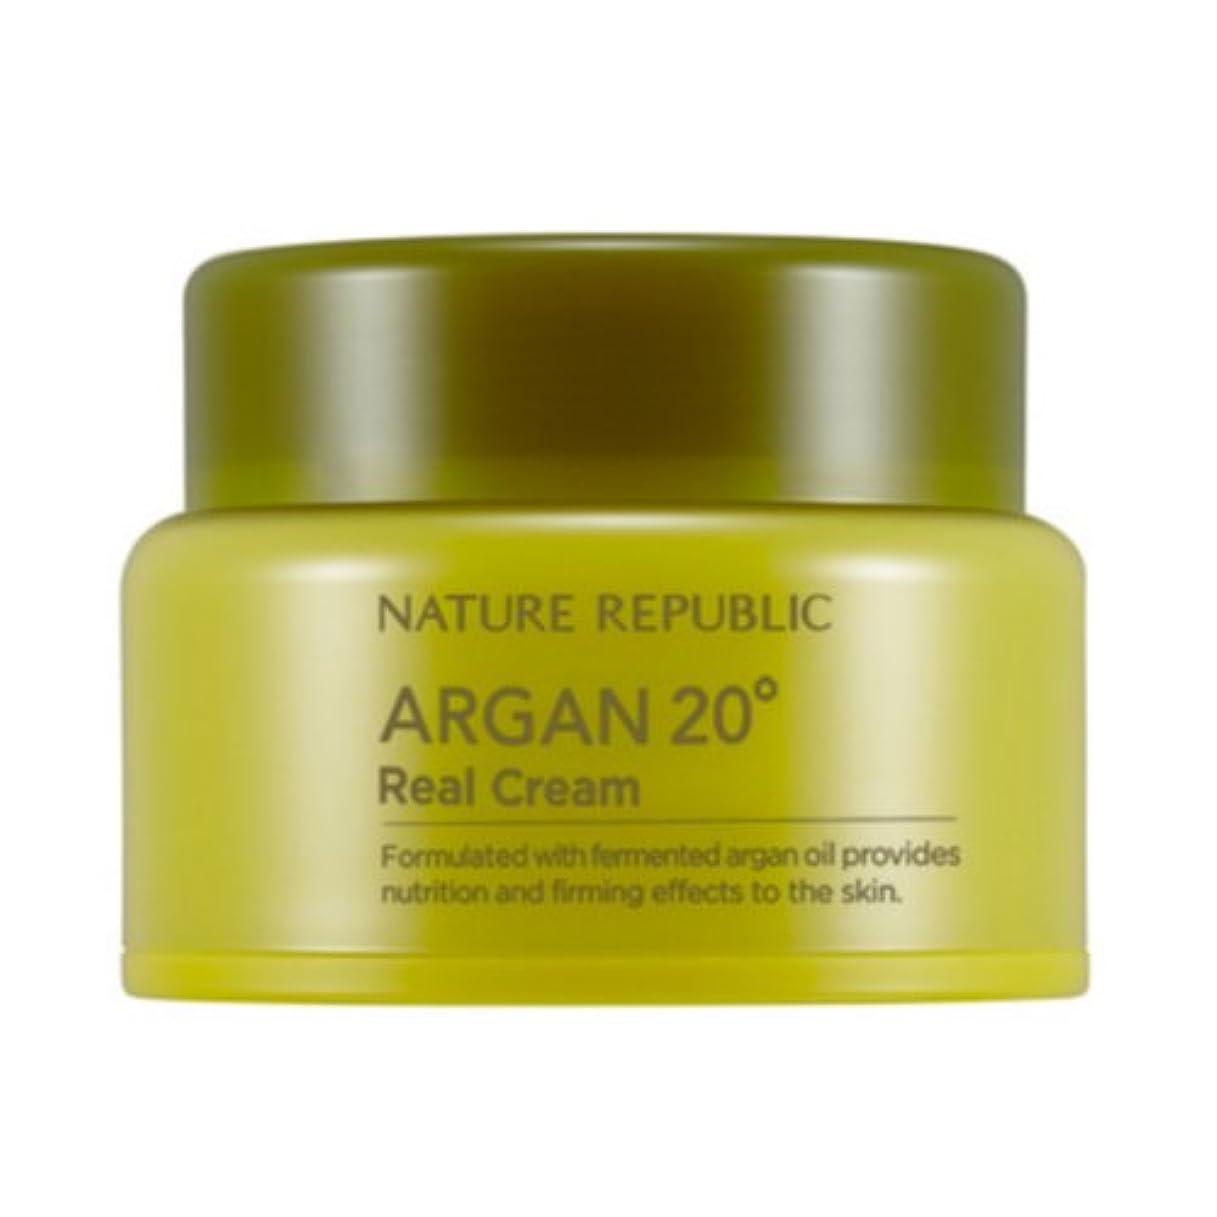 添付私達すべき[ネイチャーリパブリック] Nature republicアルガン20ºリアルクリーム海外直送品(Argan20ºReal Cream) [並行輸入品]